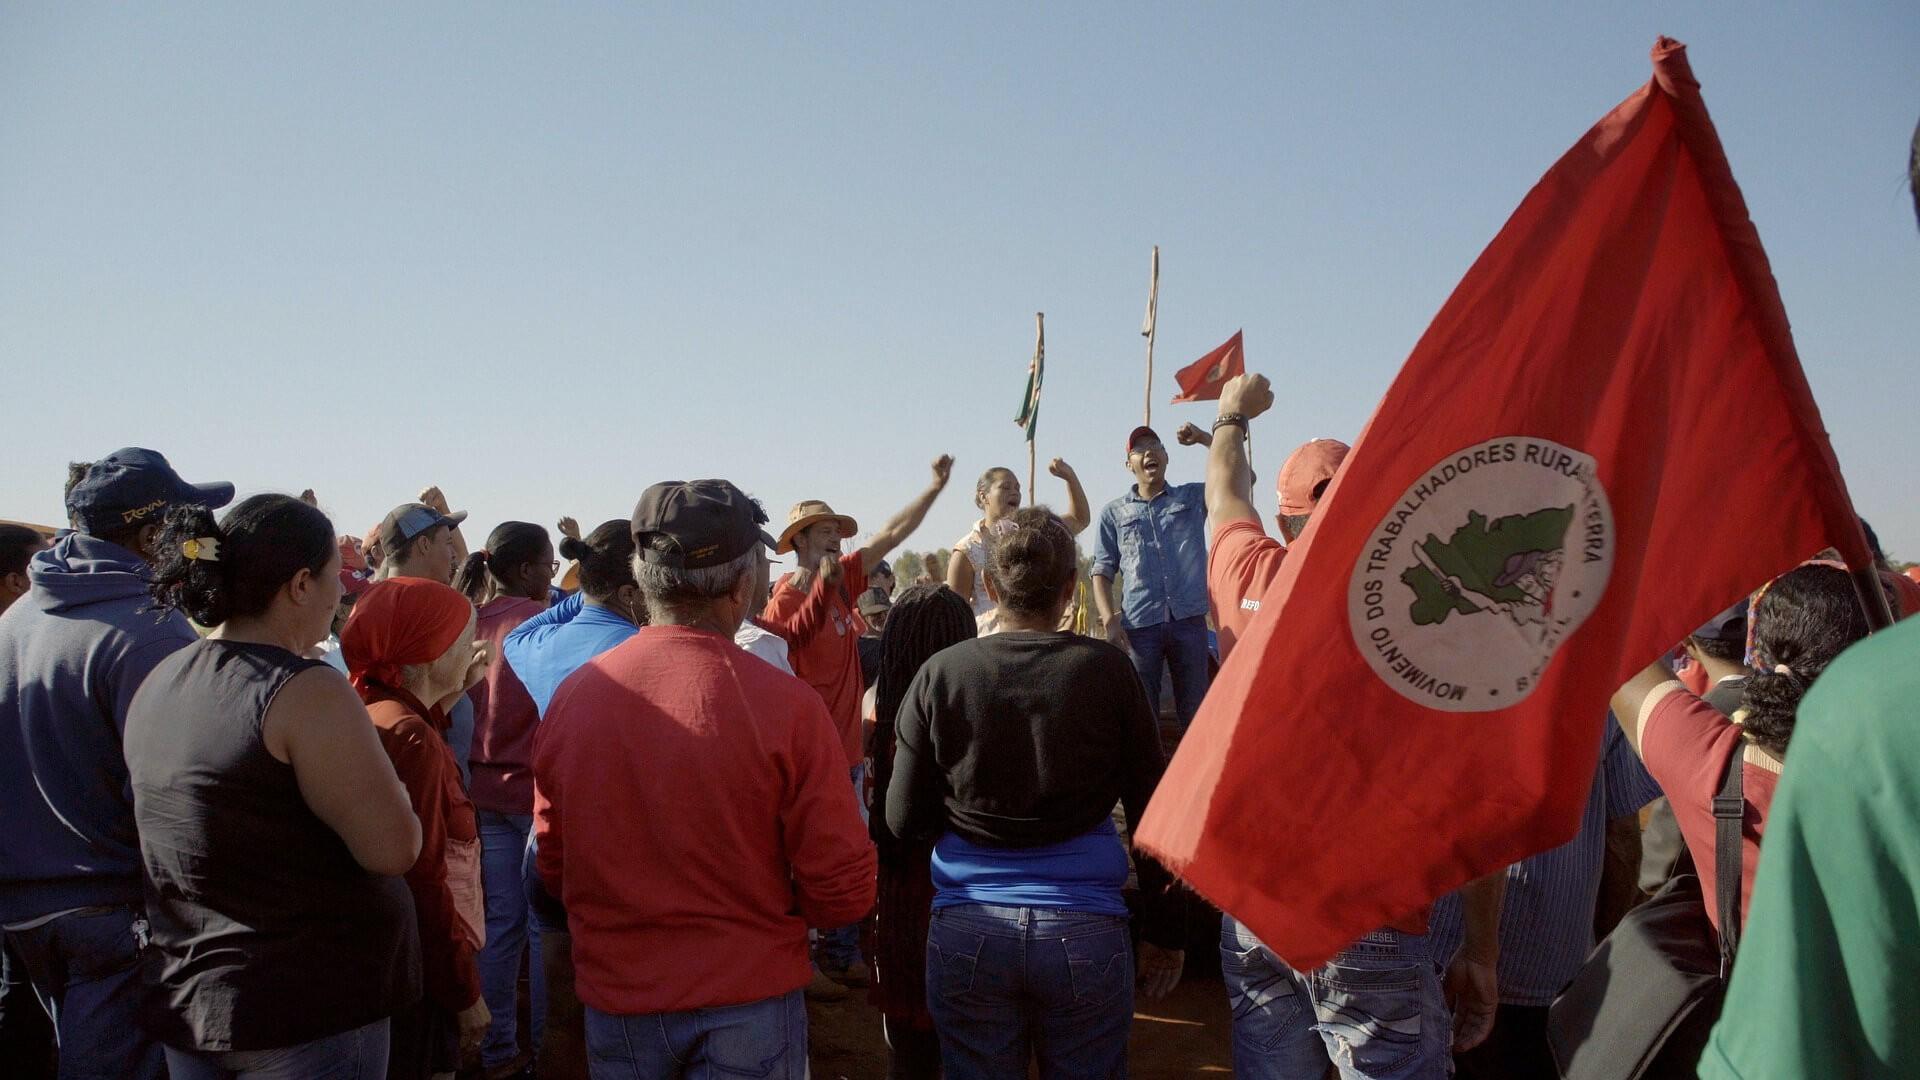 'Chão', de Camila Freitas, está disponível na Mubi. Filme acompanha luta do Movimento dos Trabalhadores Rurais Sem Terra